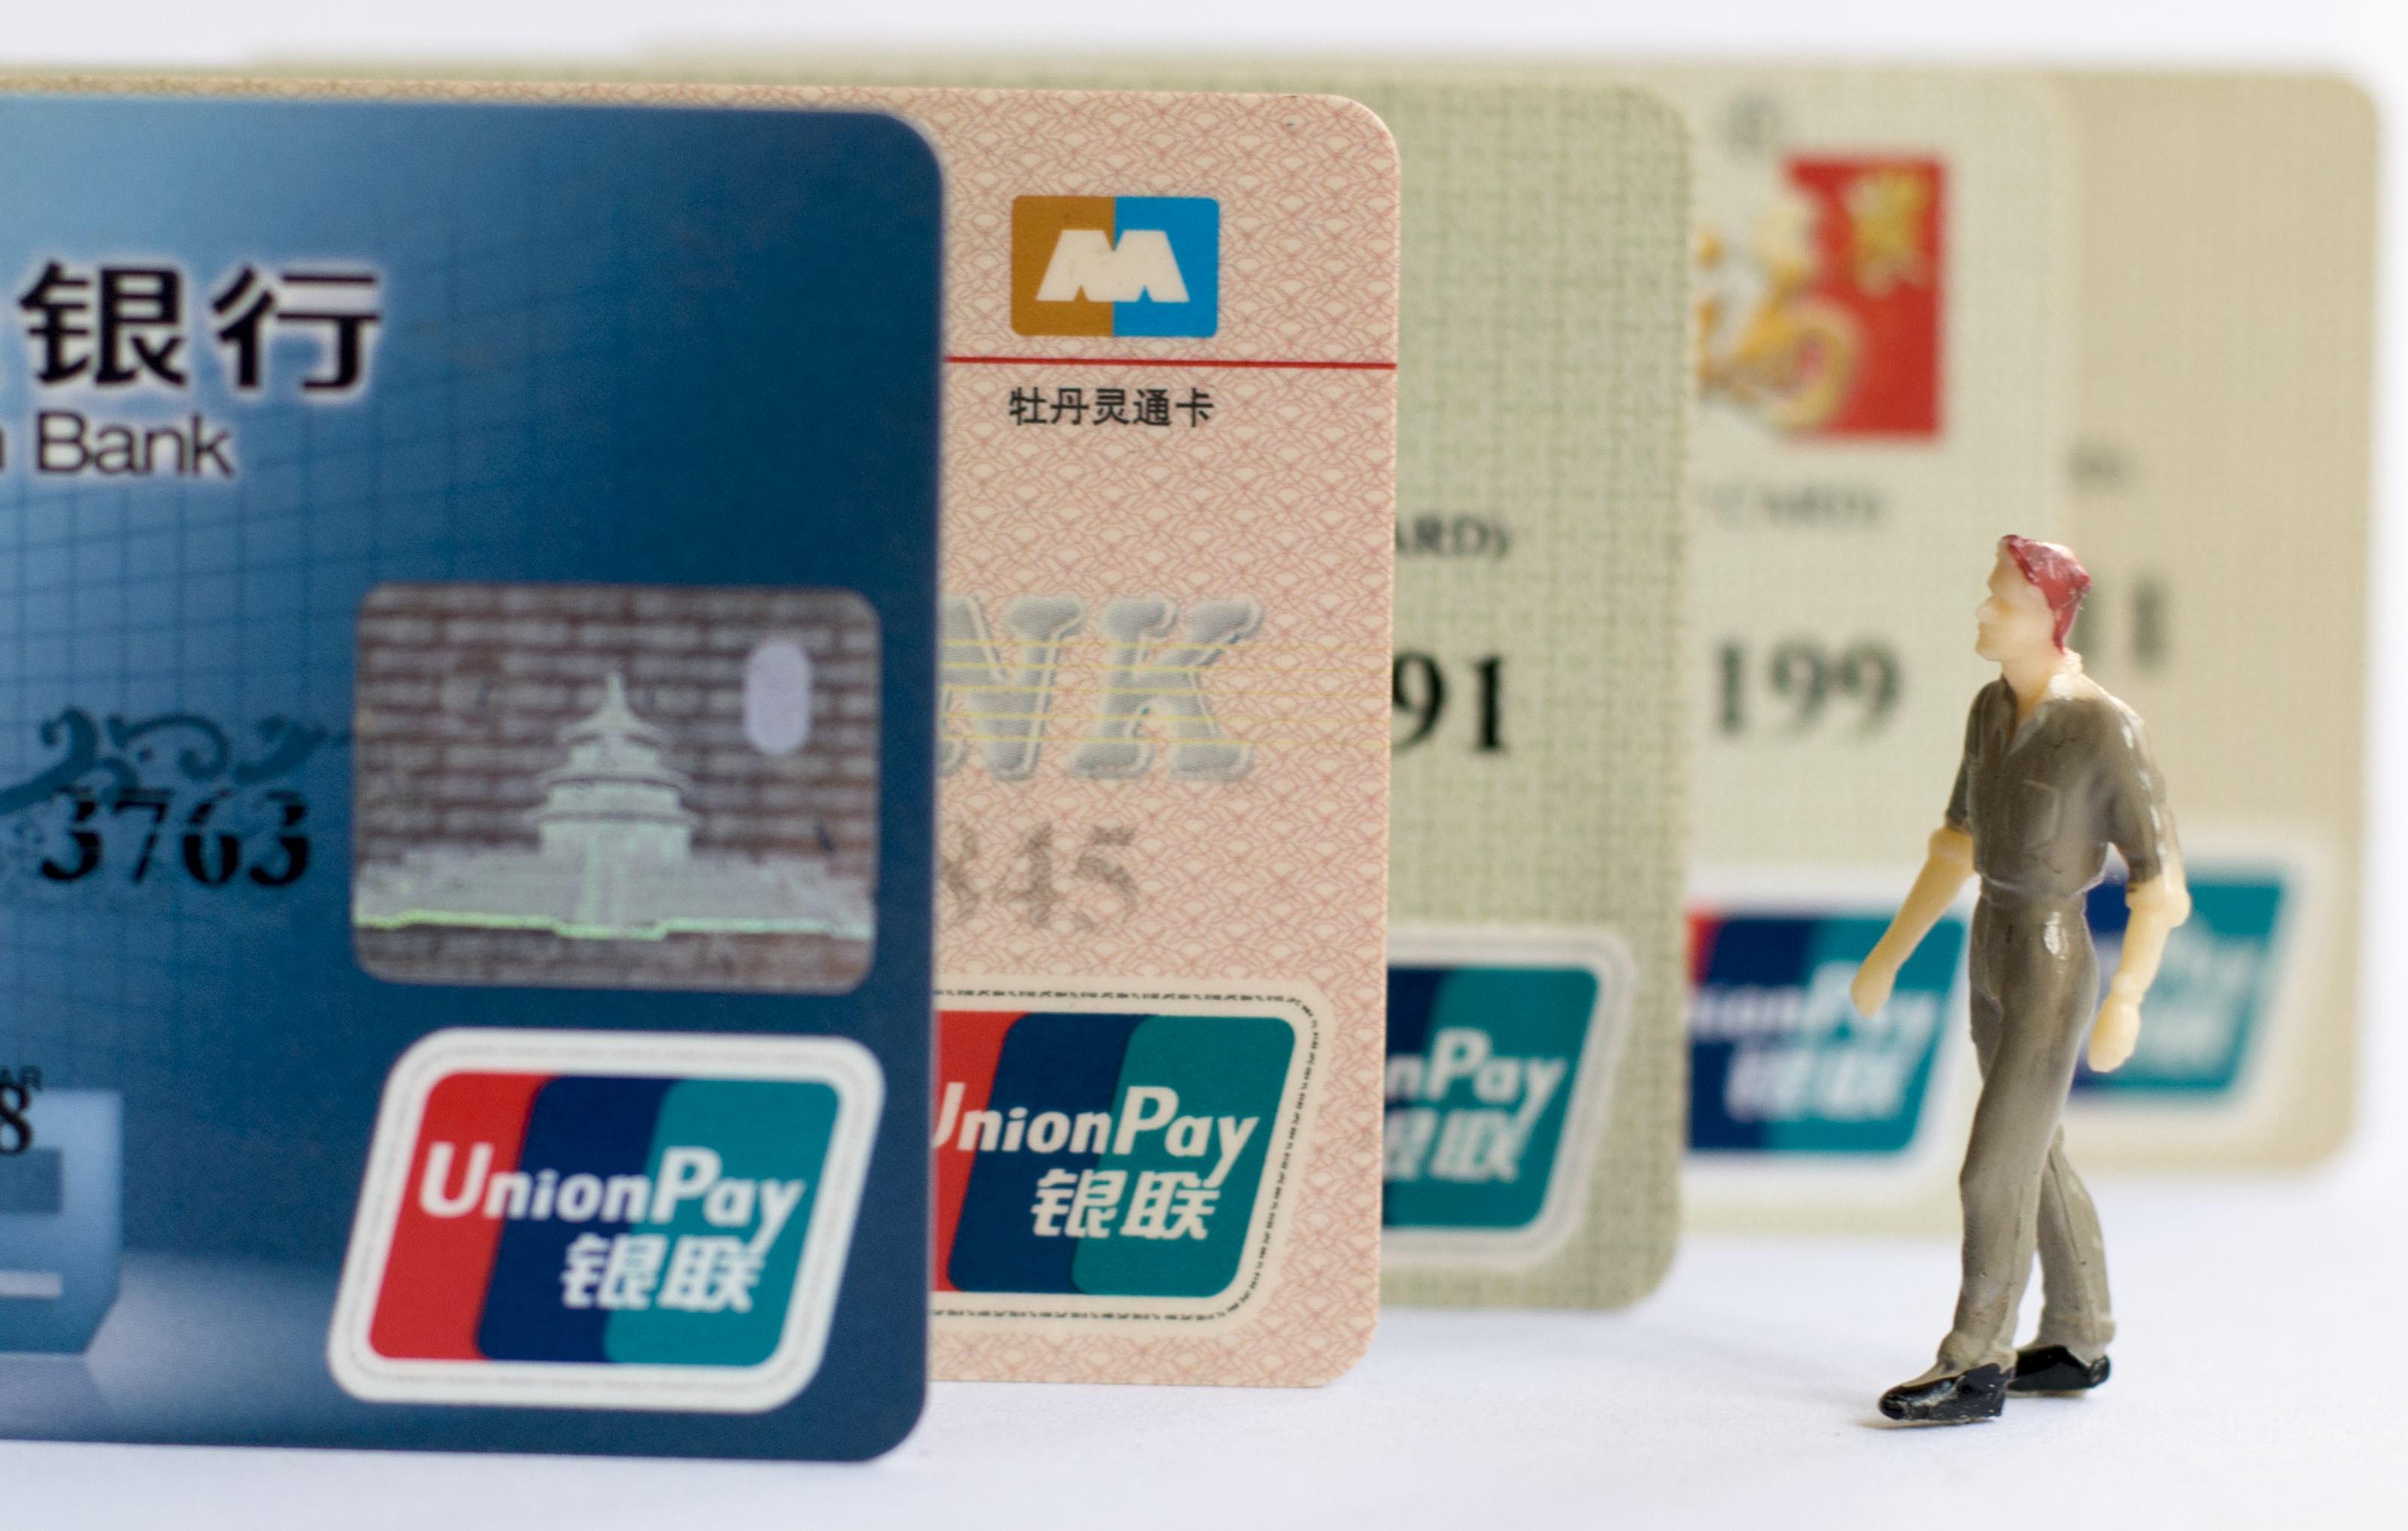 新发现浦发信用卡提额小方法,成功率10%!